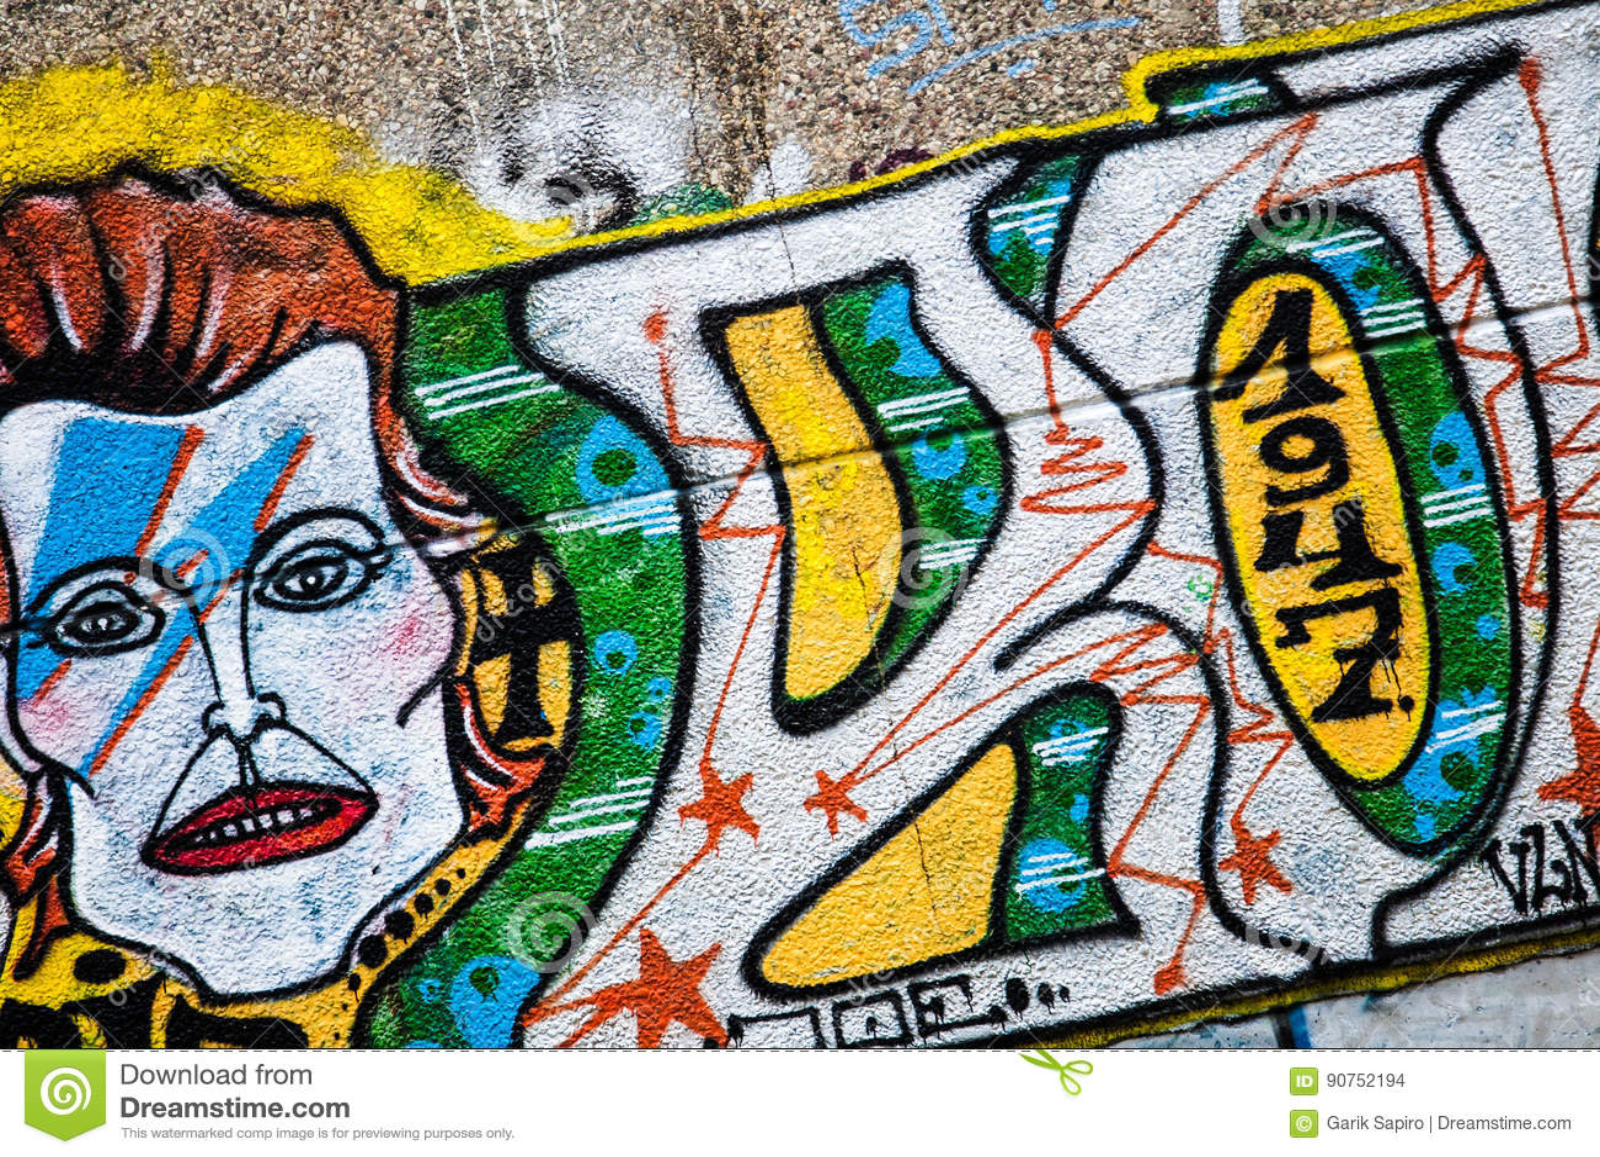 Mur de la rue art